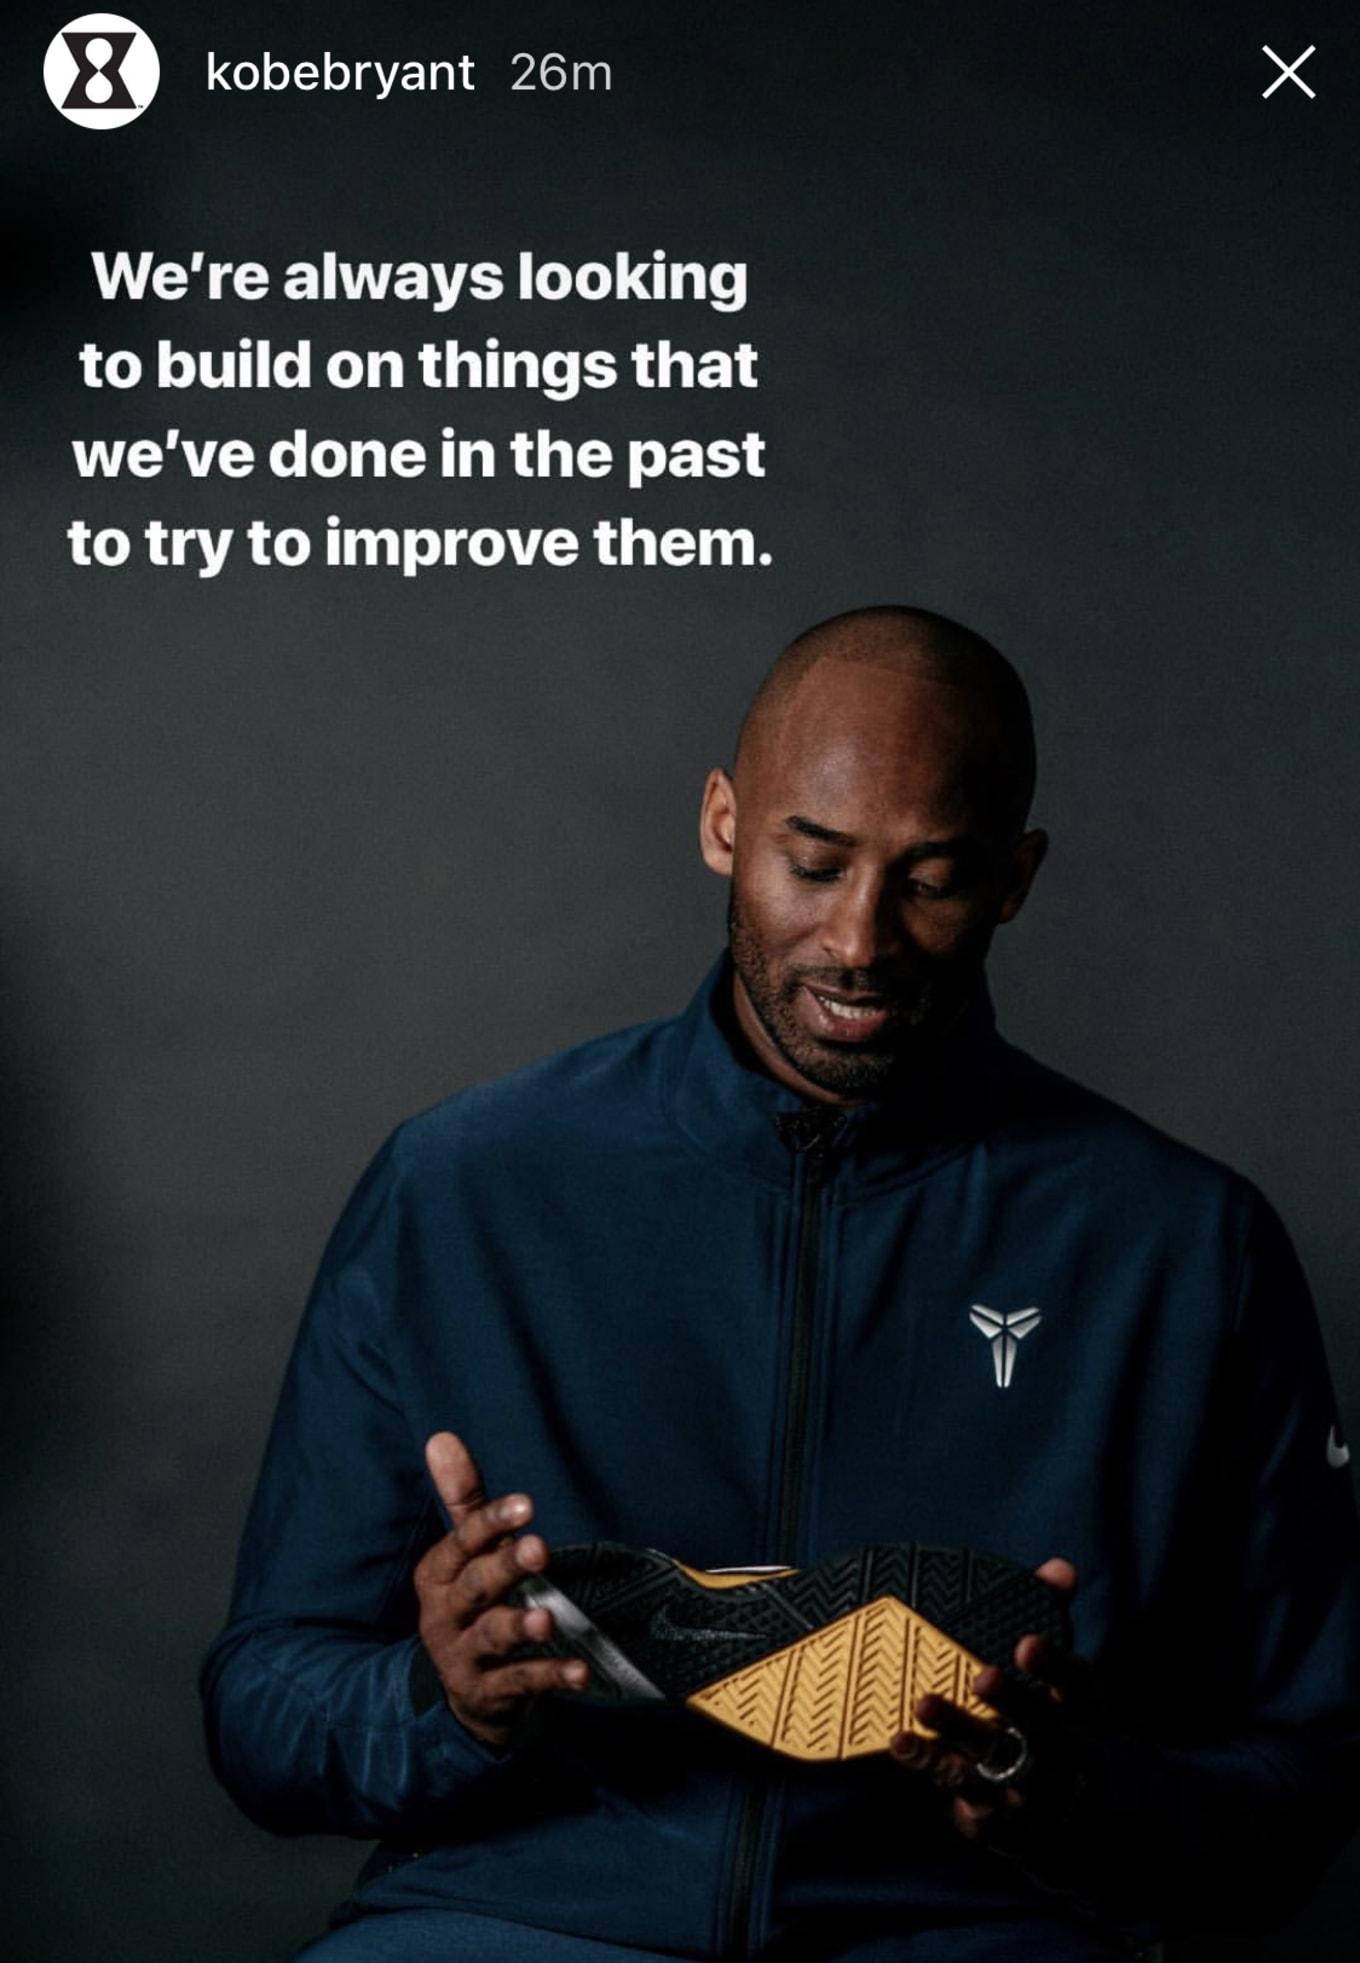 Kobe Bryant Teases Updated Nike Retro Line  9a786a7f2